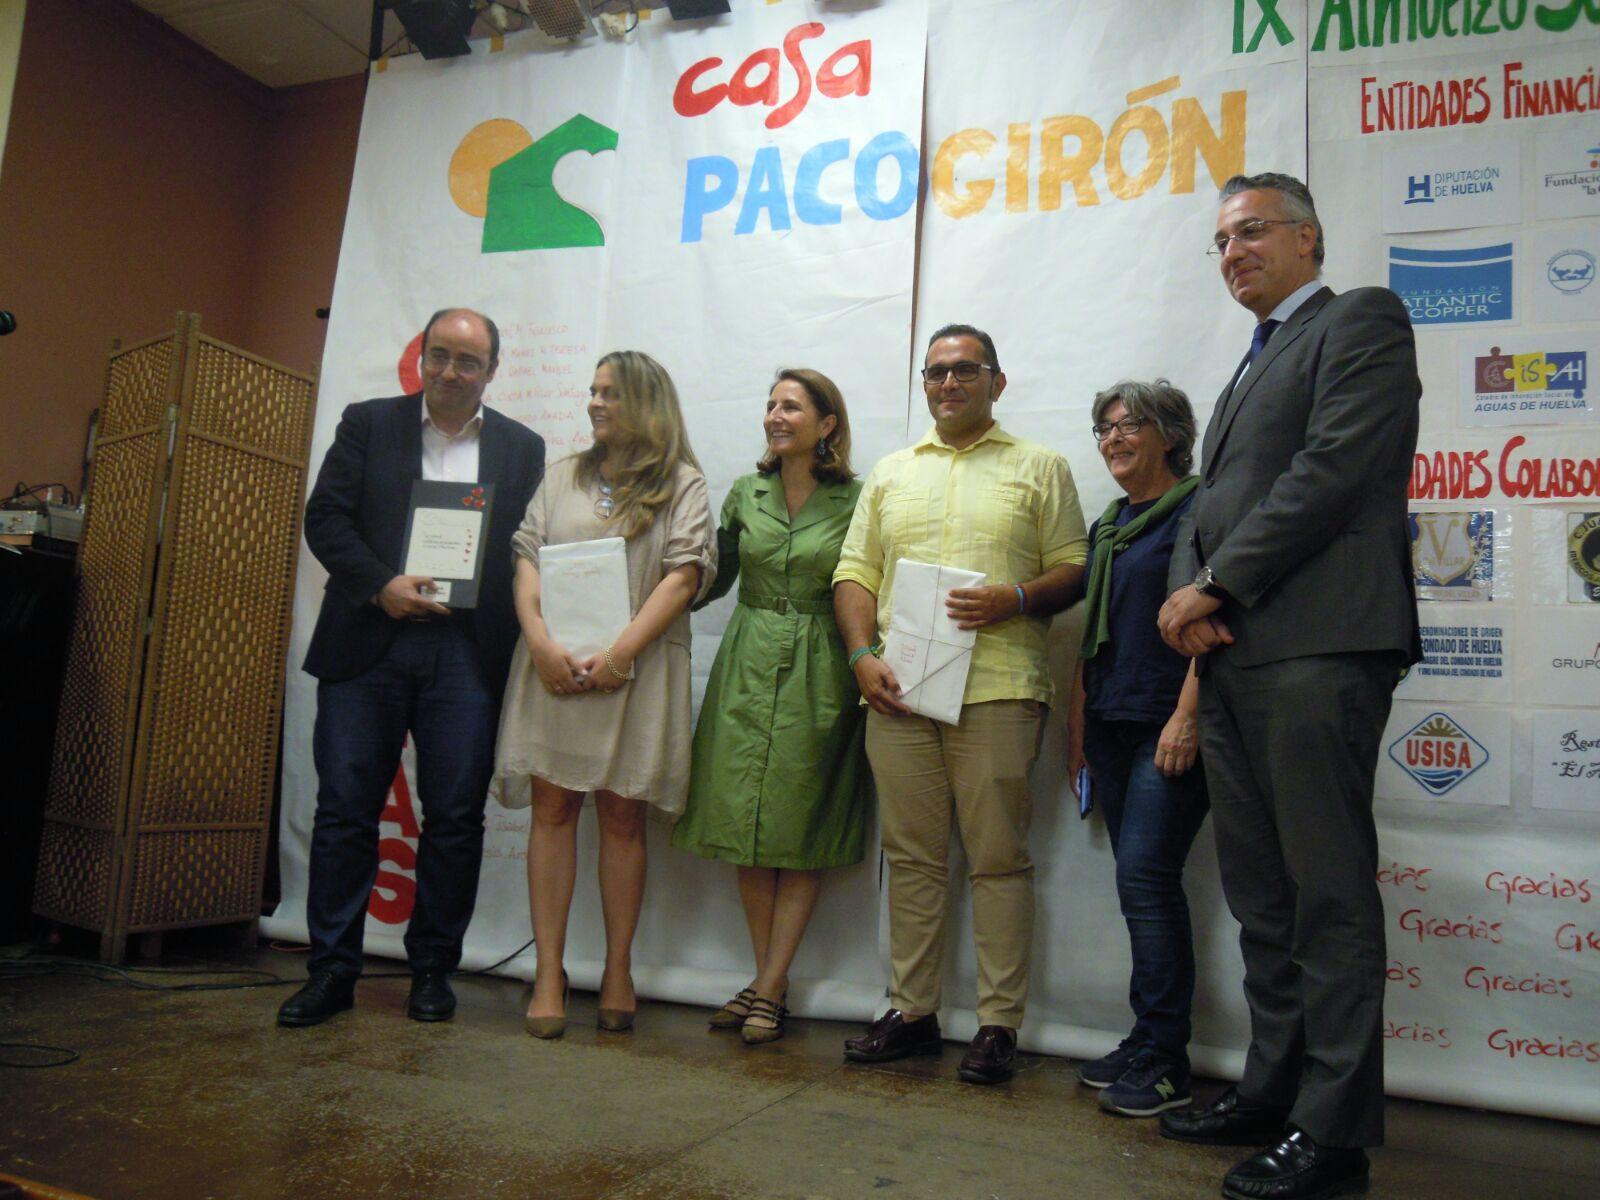 LA CASA PACO GIRÓN RECONOCE A ENTIDADES COLABORADORAS DE HUELVA EN SU IX ALMUERZO SOLIDARIO